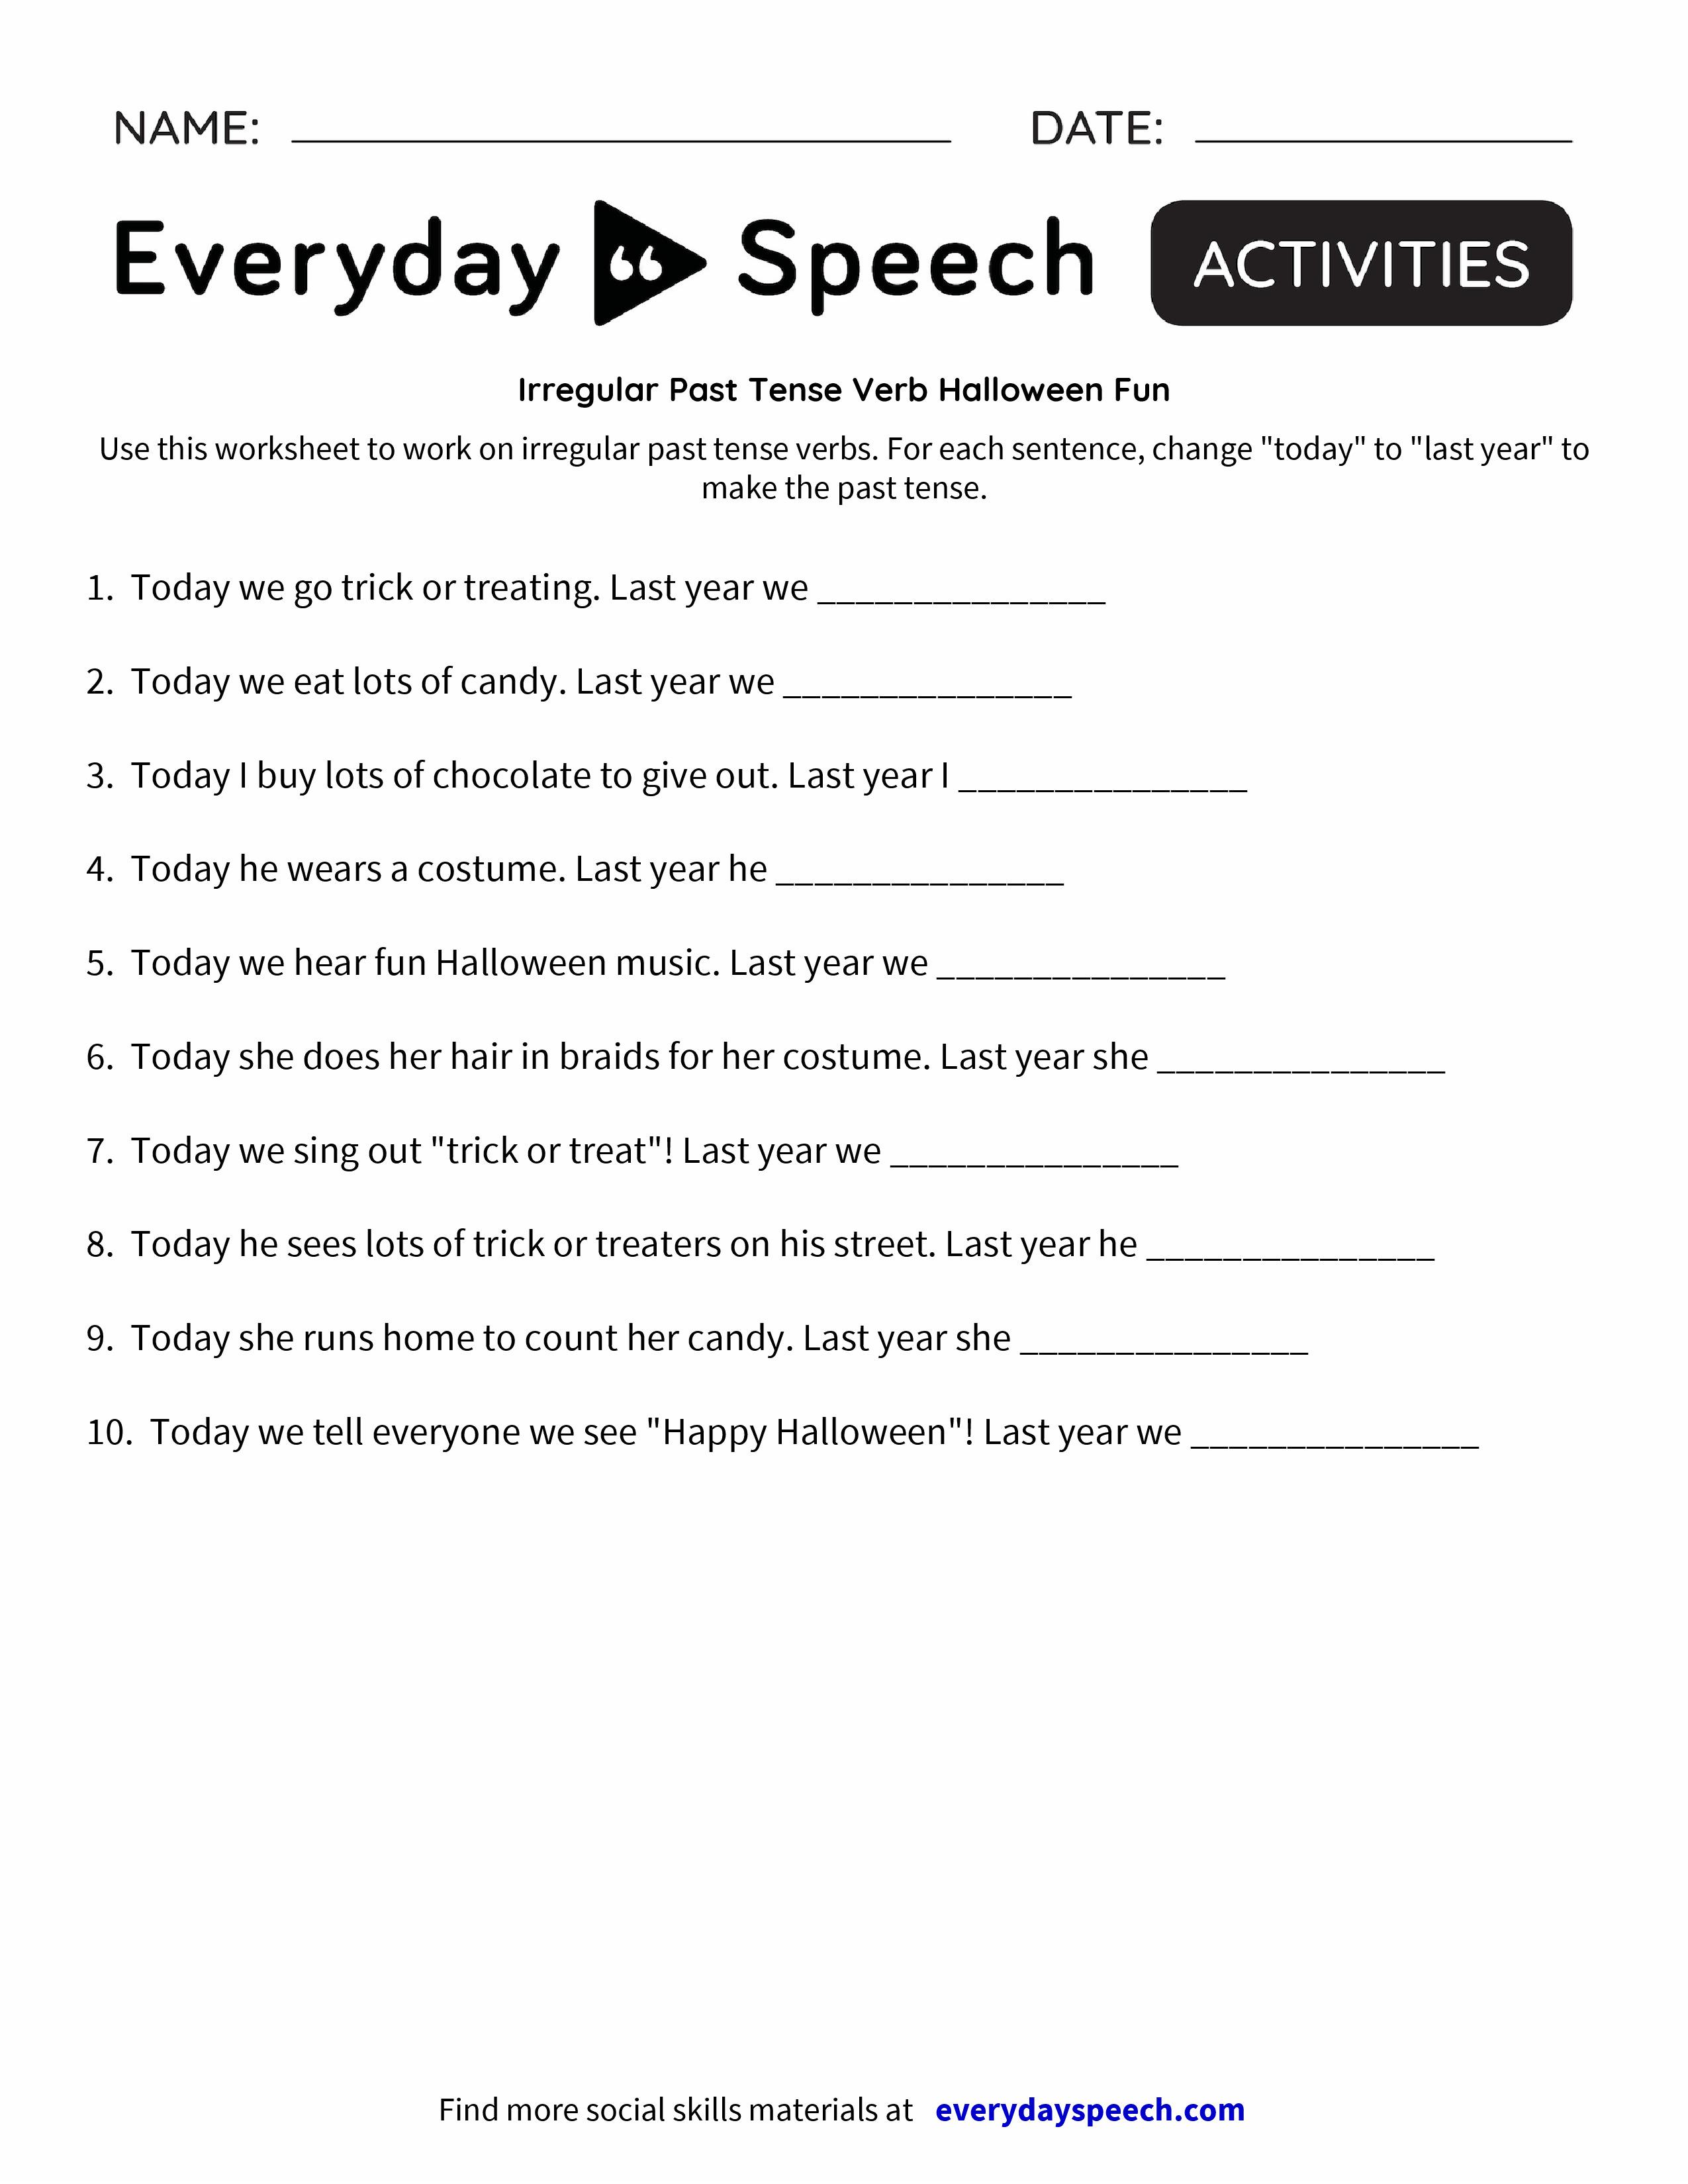 Worksheets Irregular Past Tense Verbs Worksheet irregular past tense verb halloween fun everyday speech preview preview